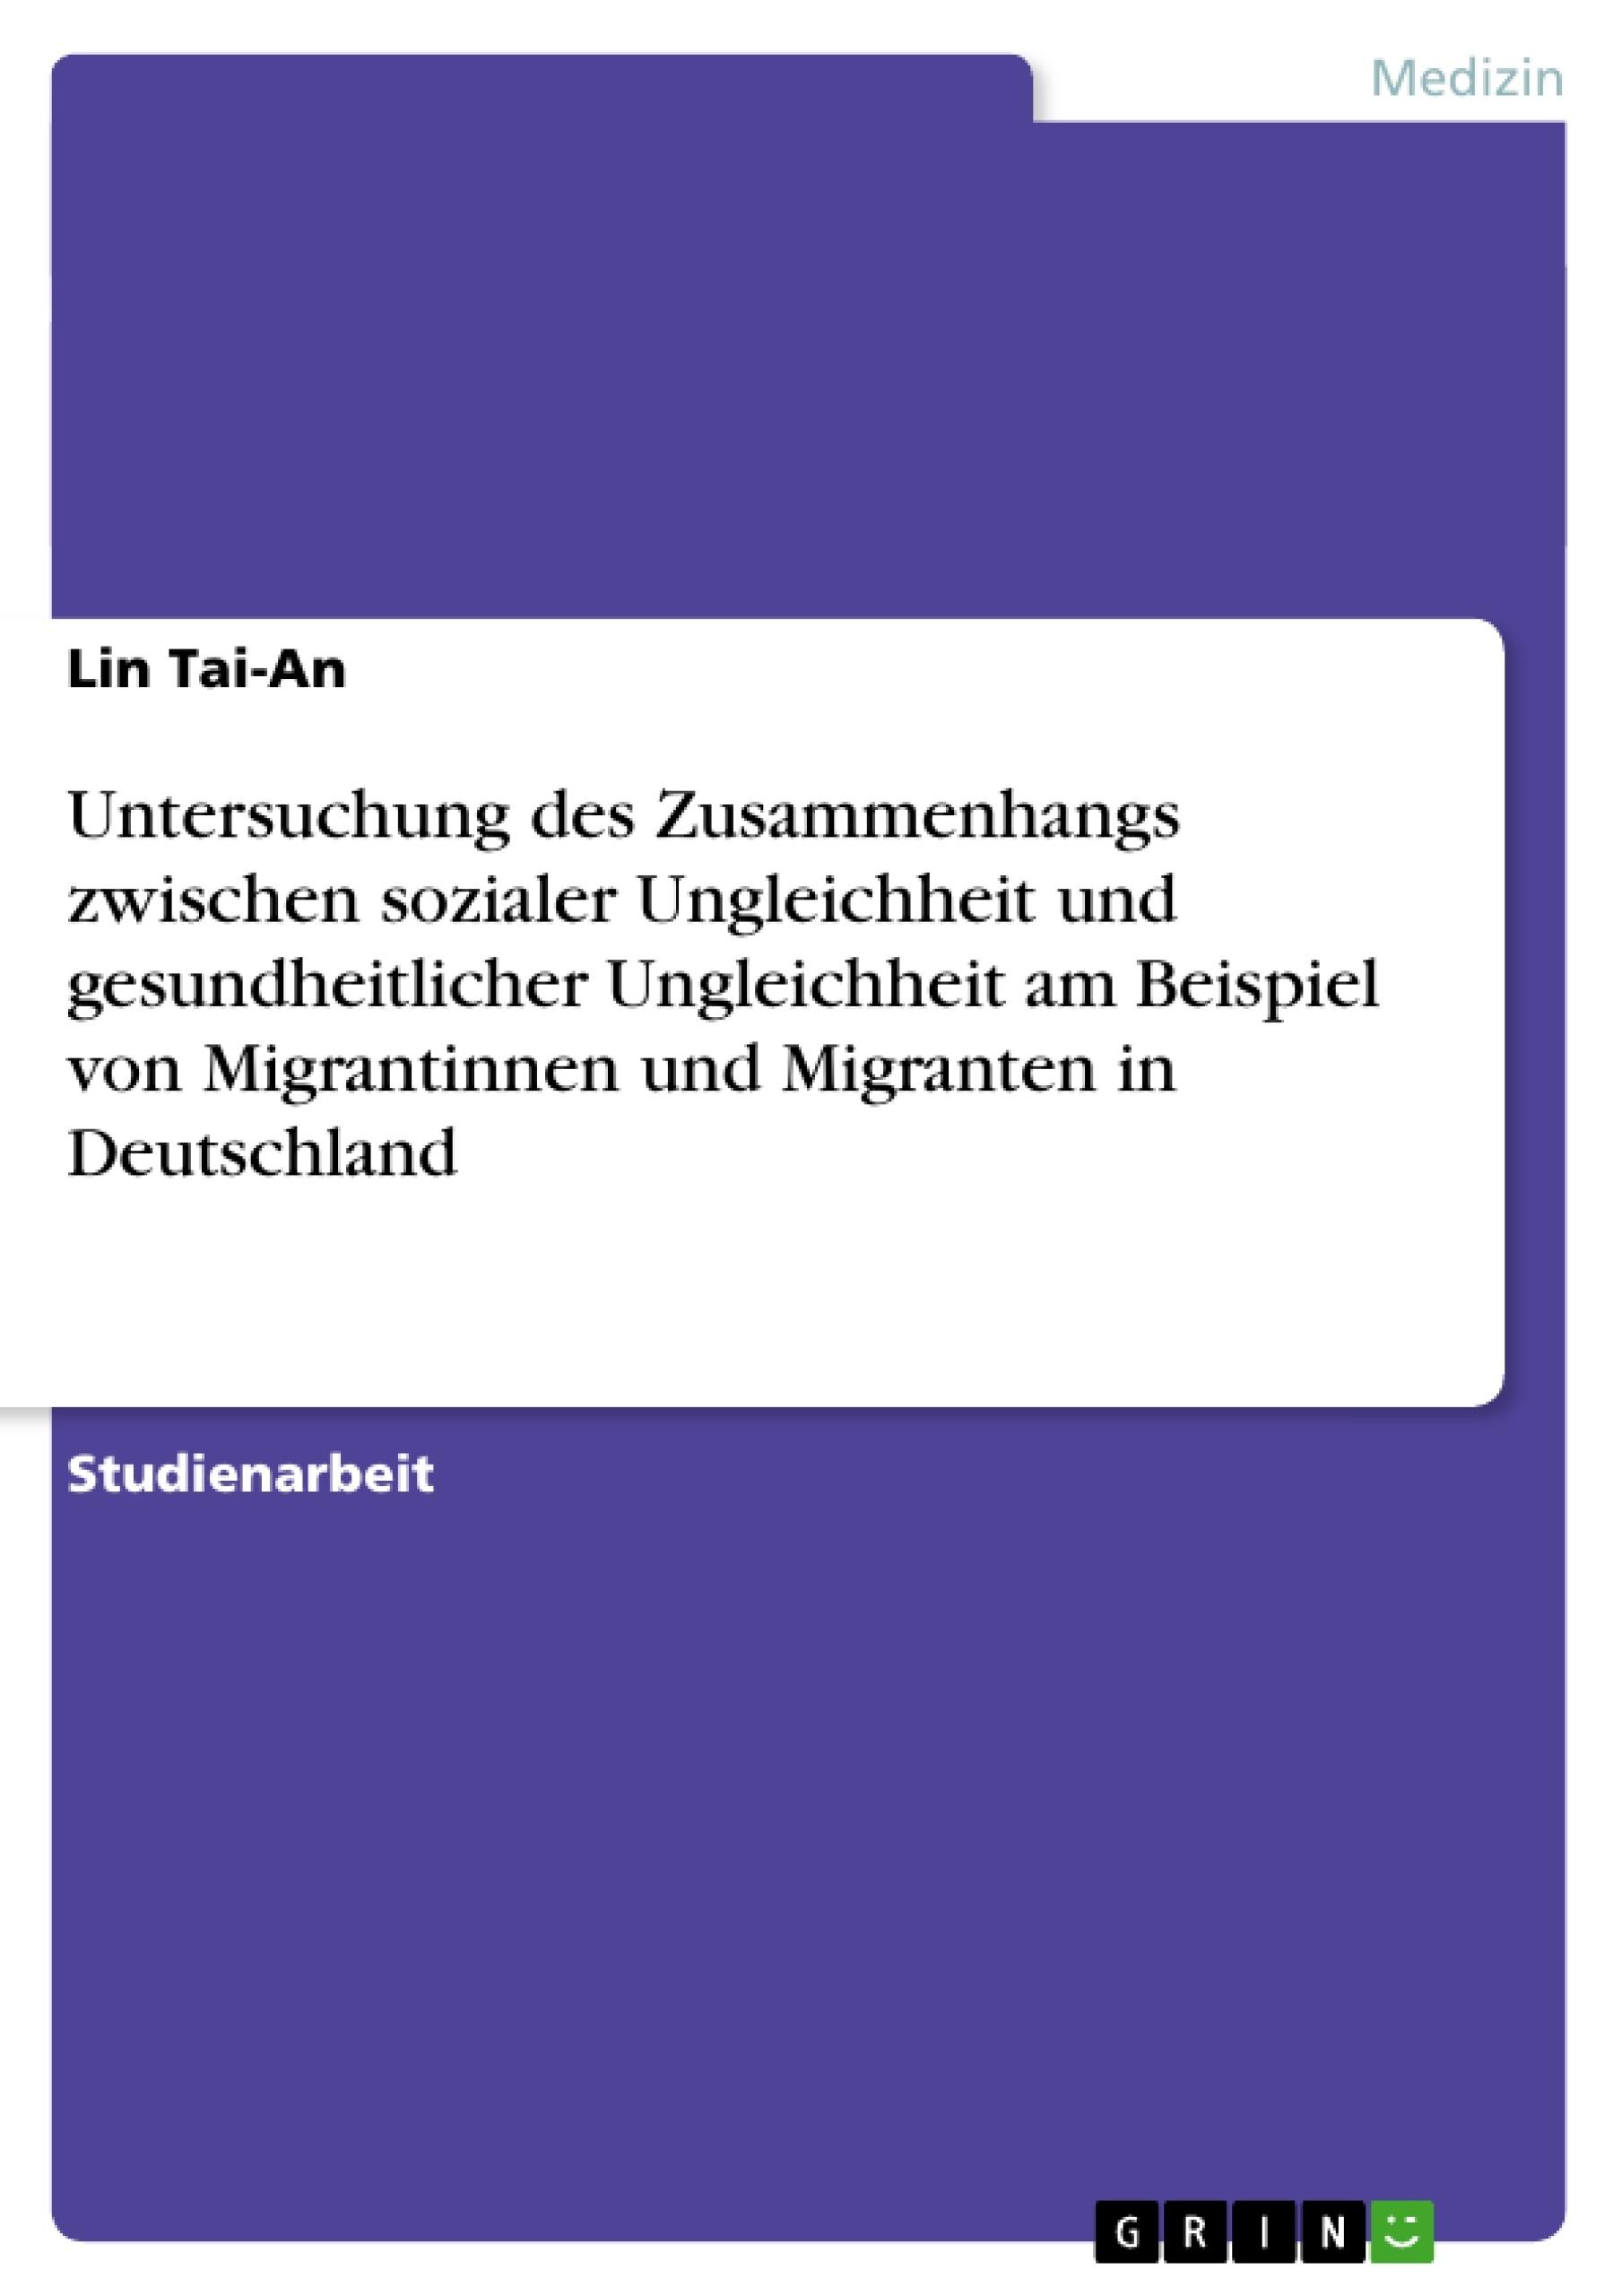 Titel: Untersuchung des Zusammenhangs zwischen sozialer Ungleichheit und gesundheitlicher Ungleichheit am Beispiel von Migrantinnen und Migranten in Deutschland